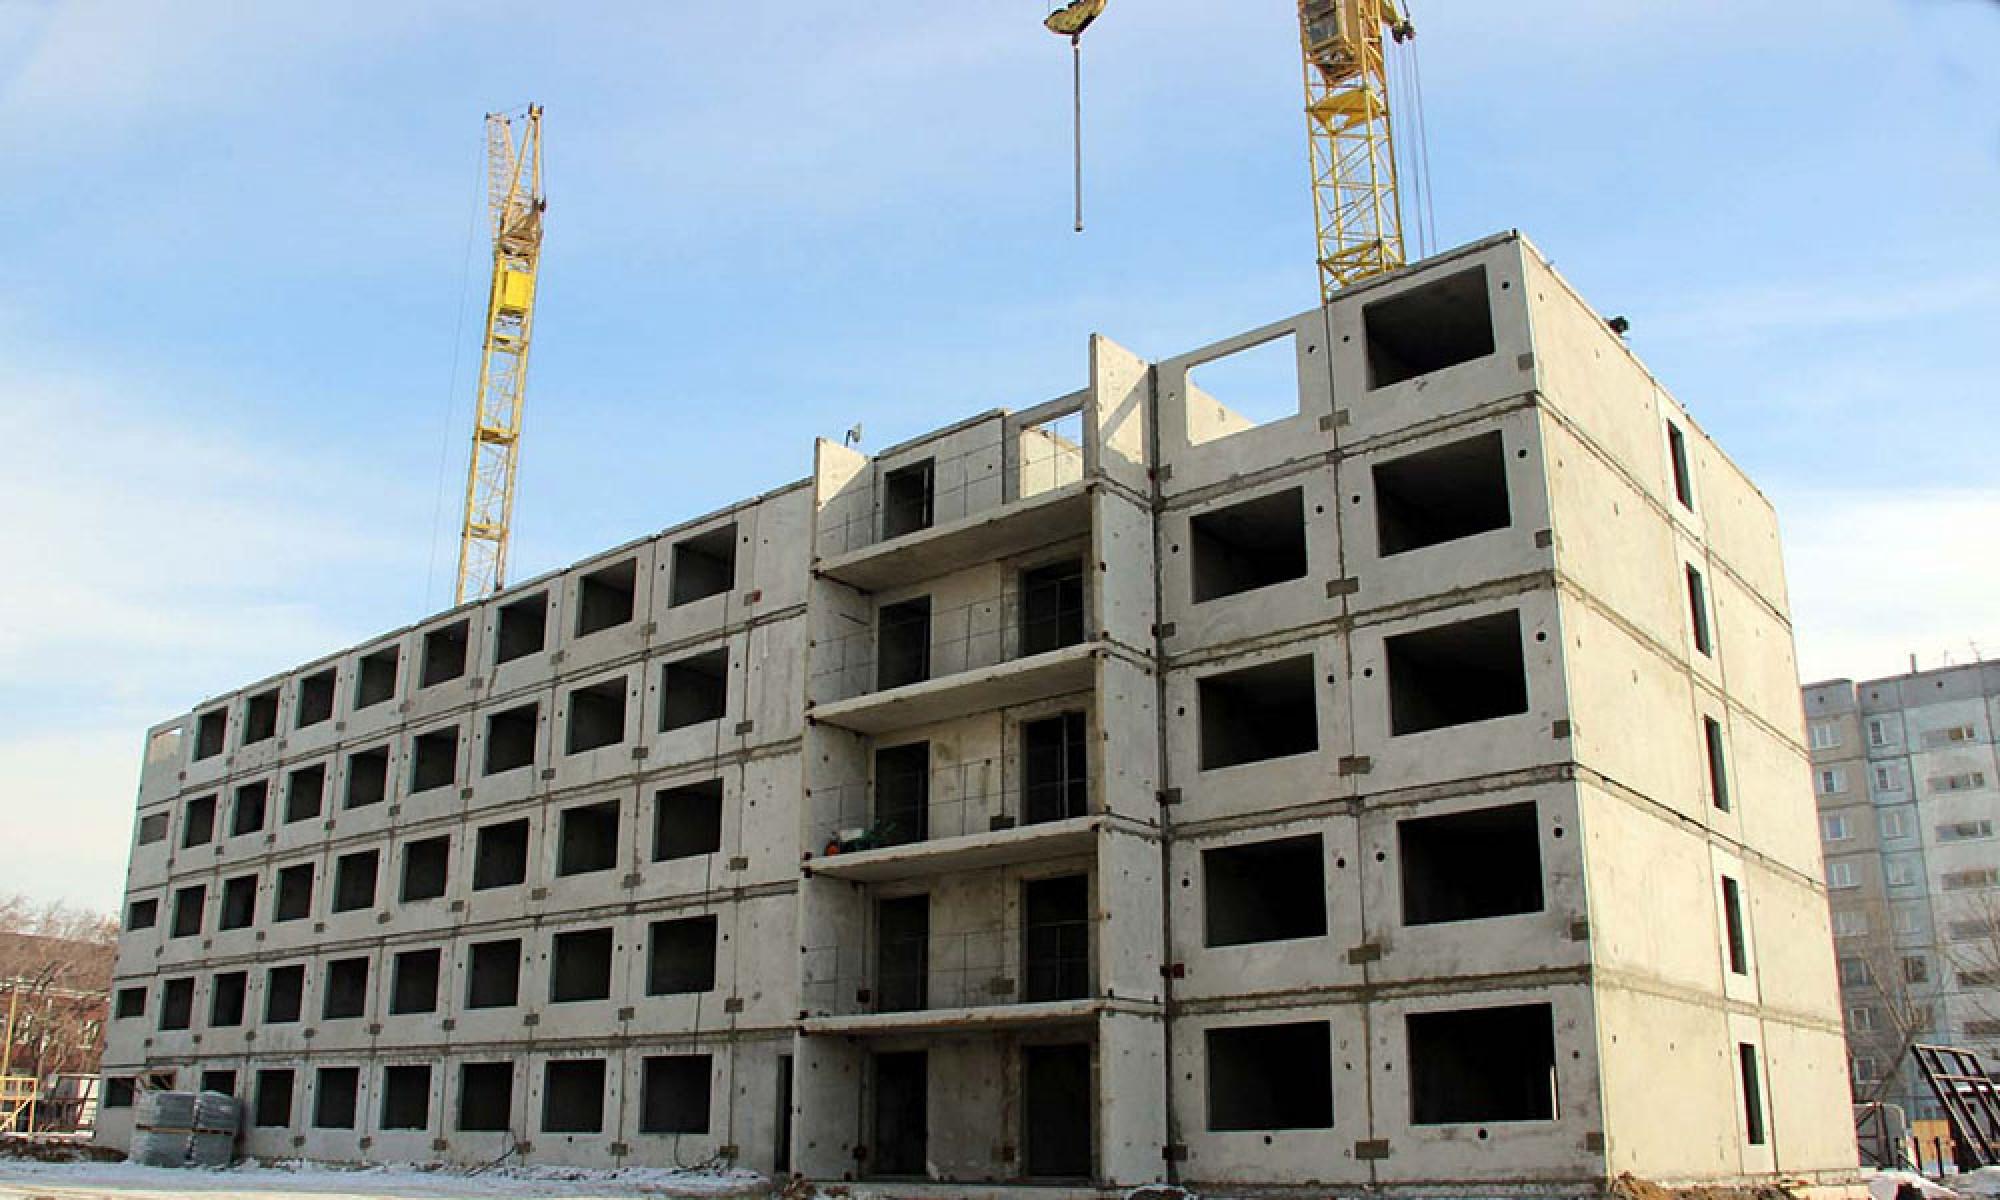 Астанада студенттерге арналған жатақхана құрылысына 14 жер телімі бөлінді